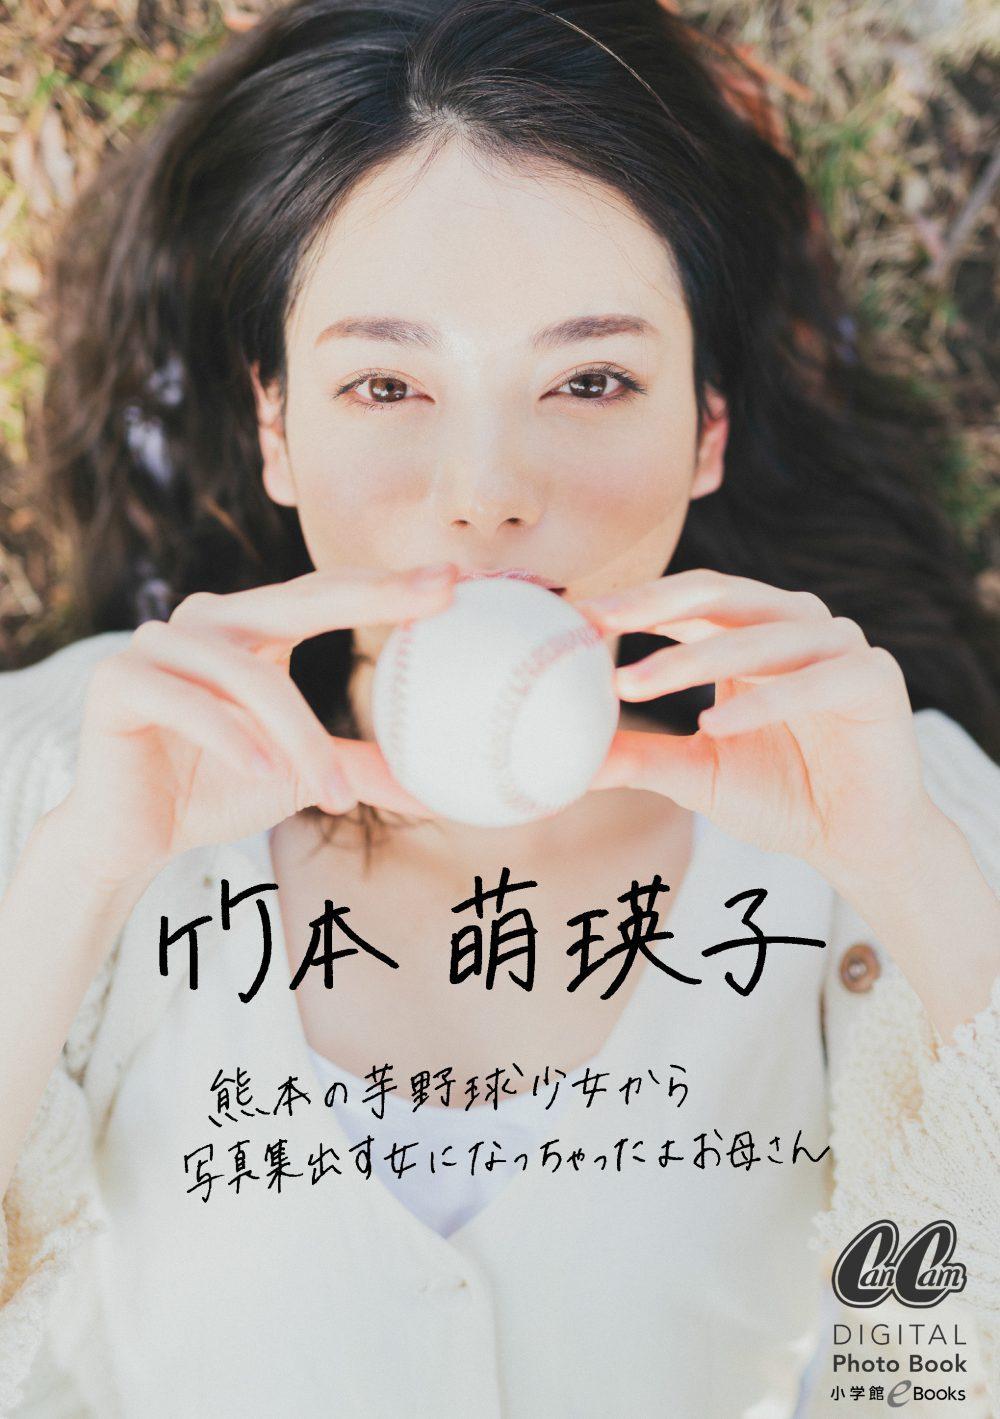 竹本萌瑛子 熊本の芋野球少女から写真集出す女になっちゃったよお母さん